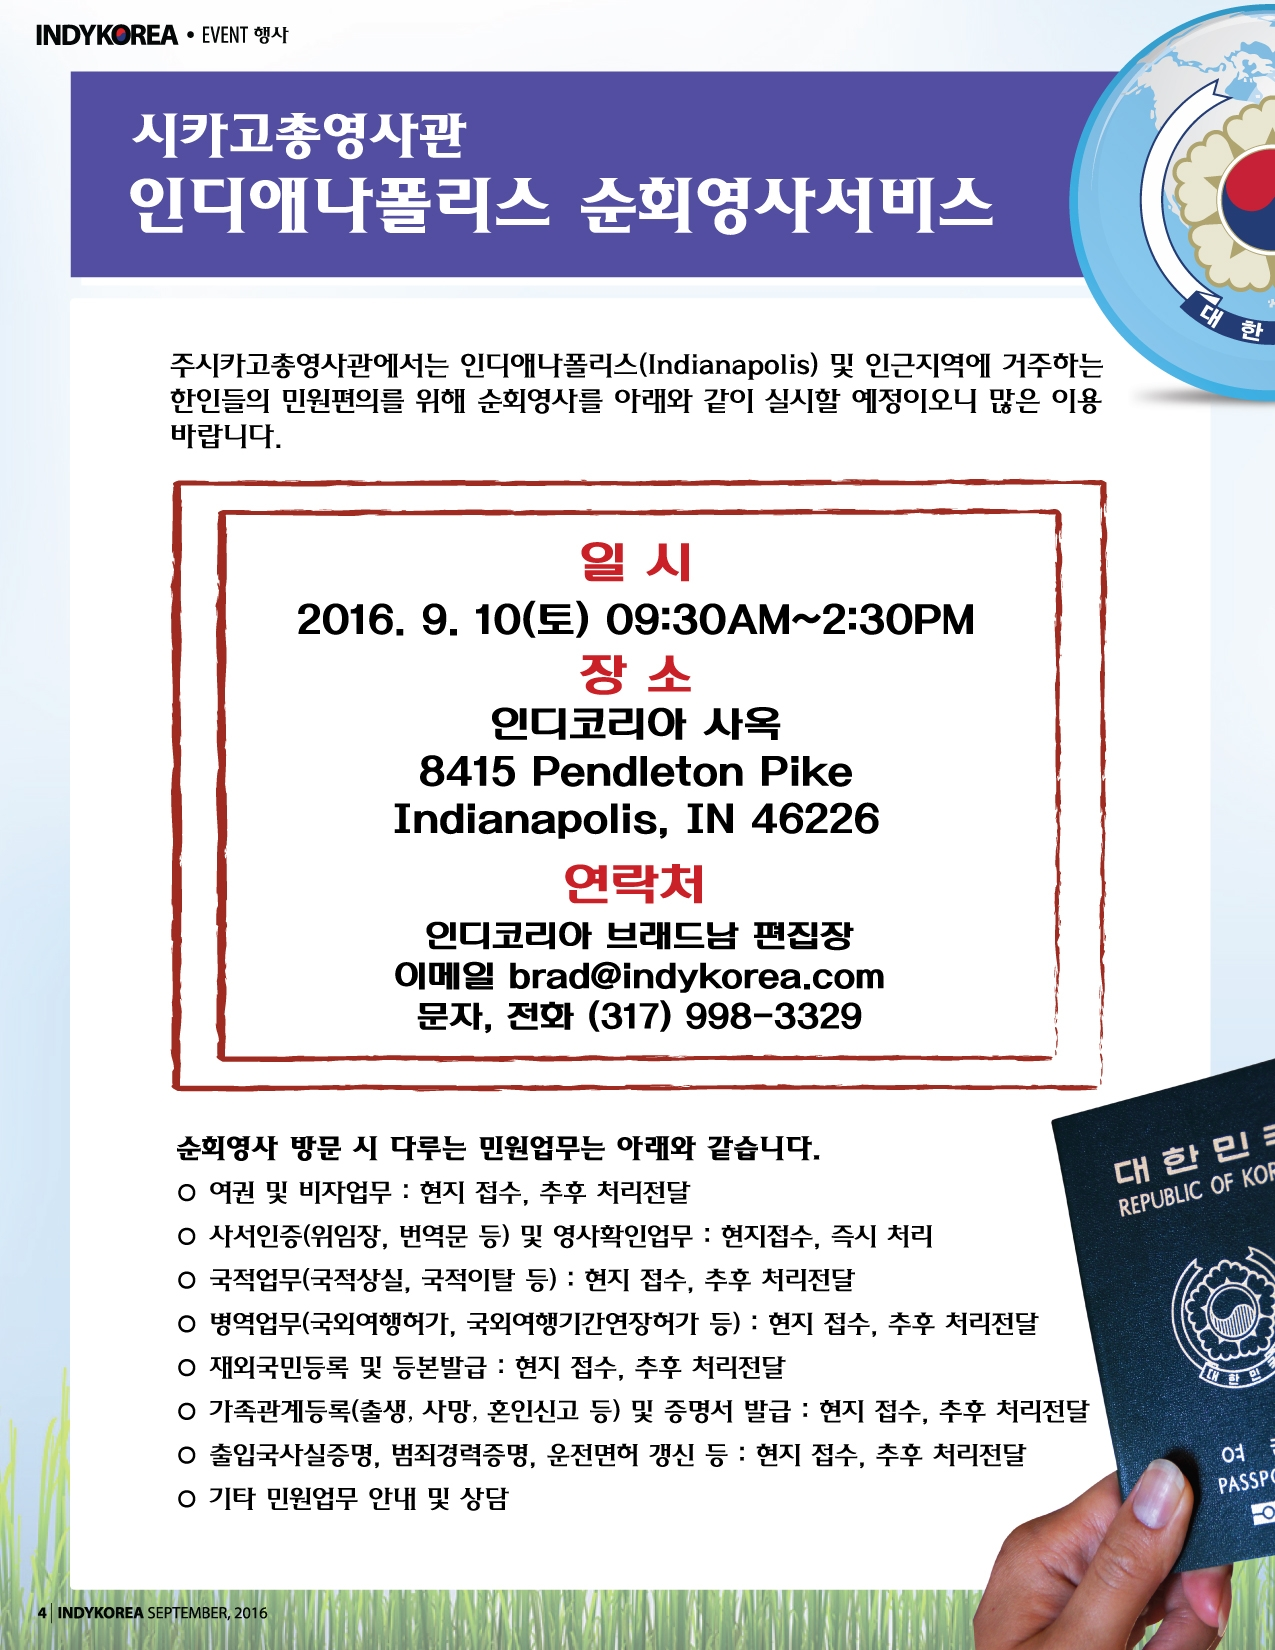 004-005-passport-01